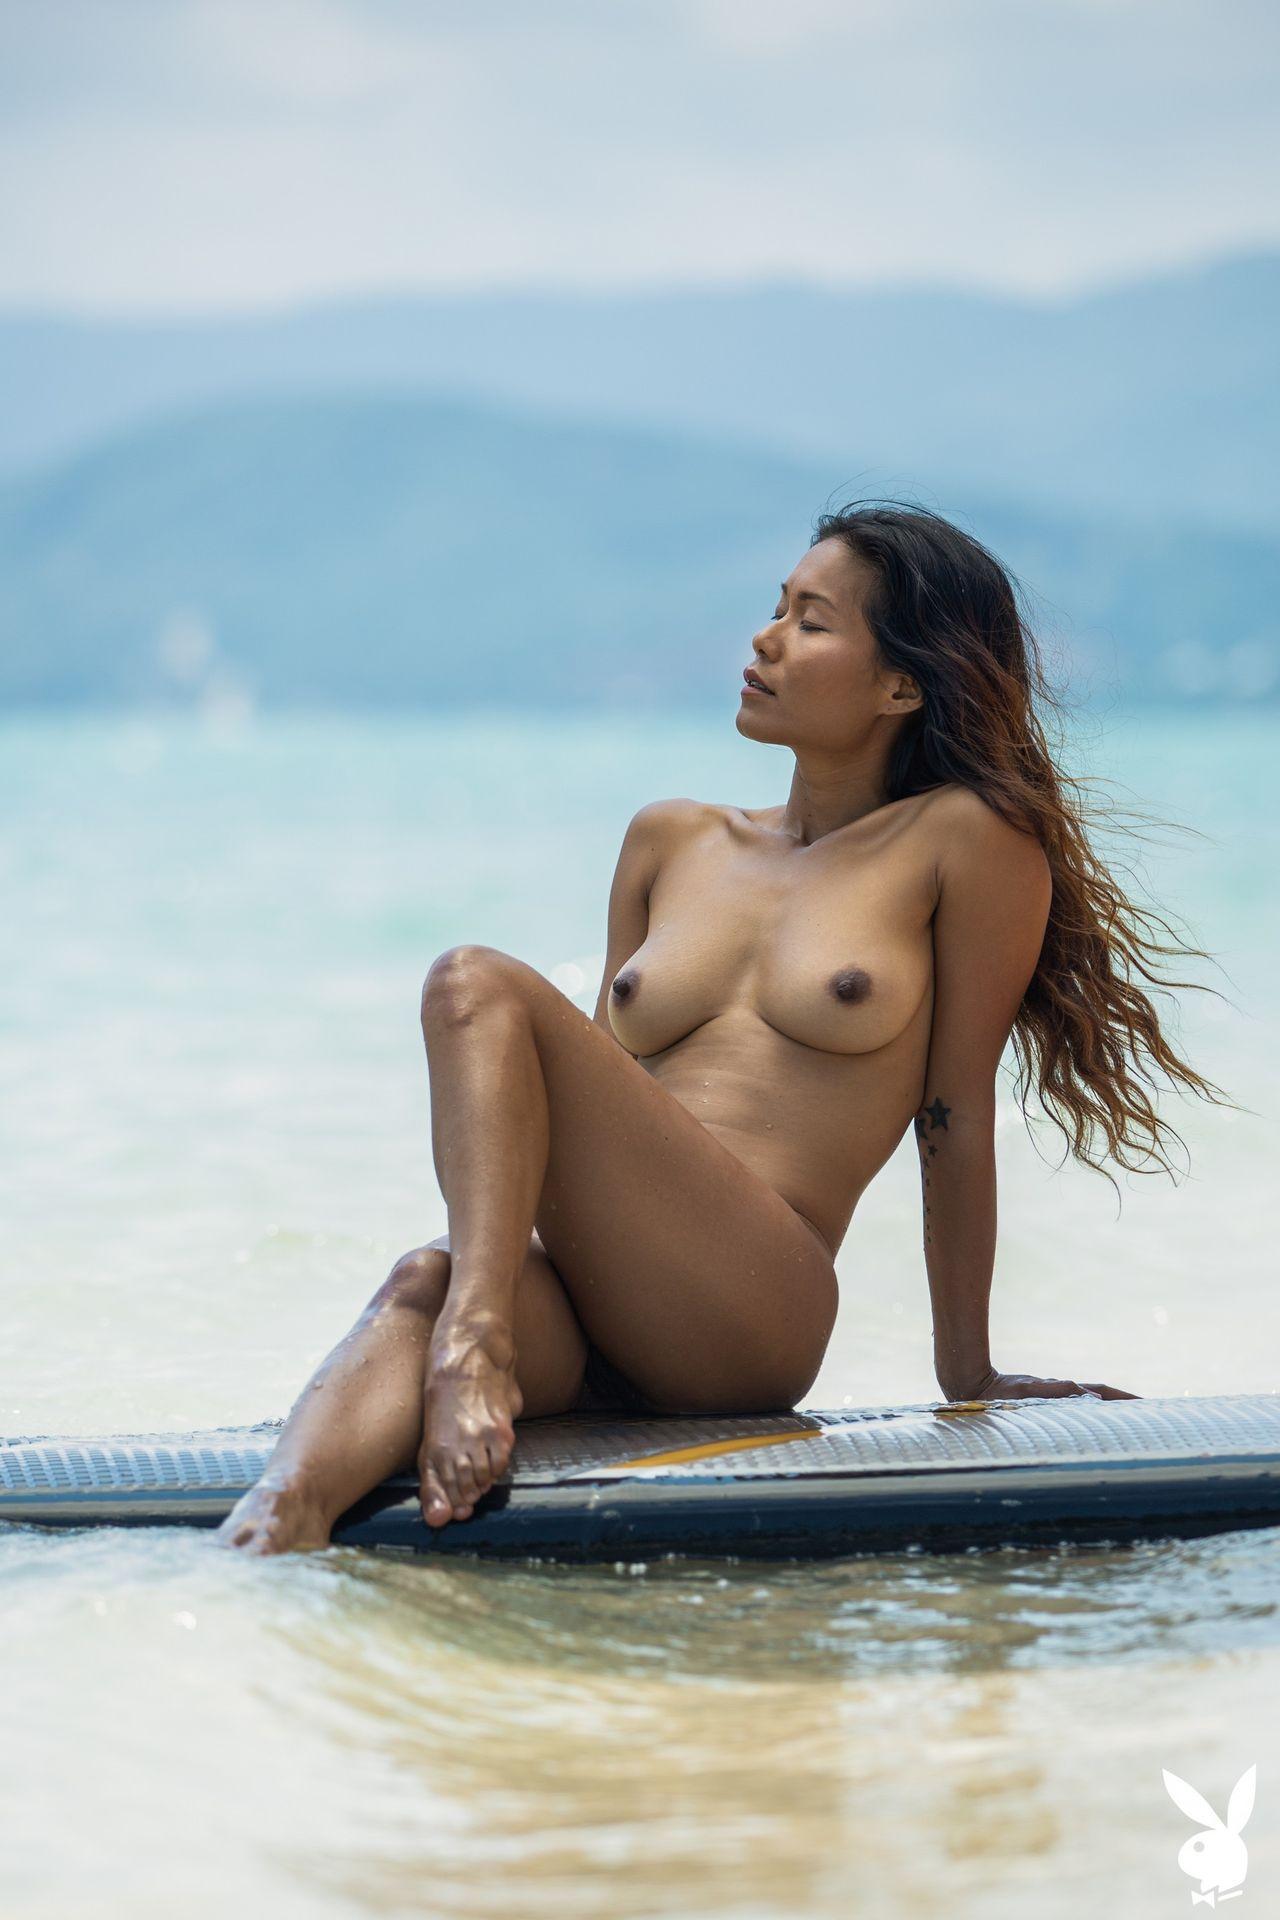 Maki Katana Nude – Catching A Wave 0023